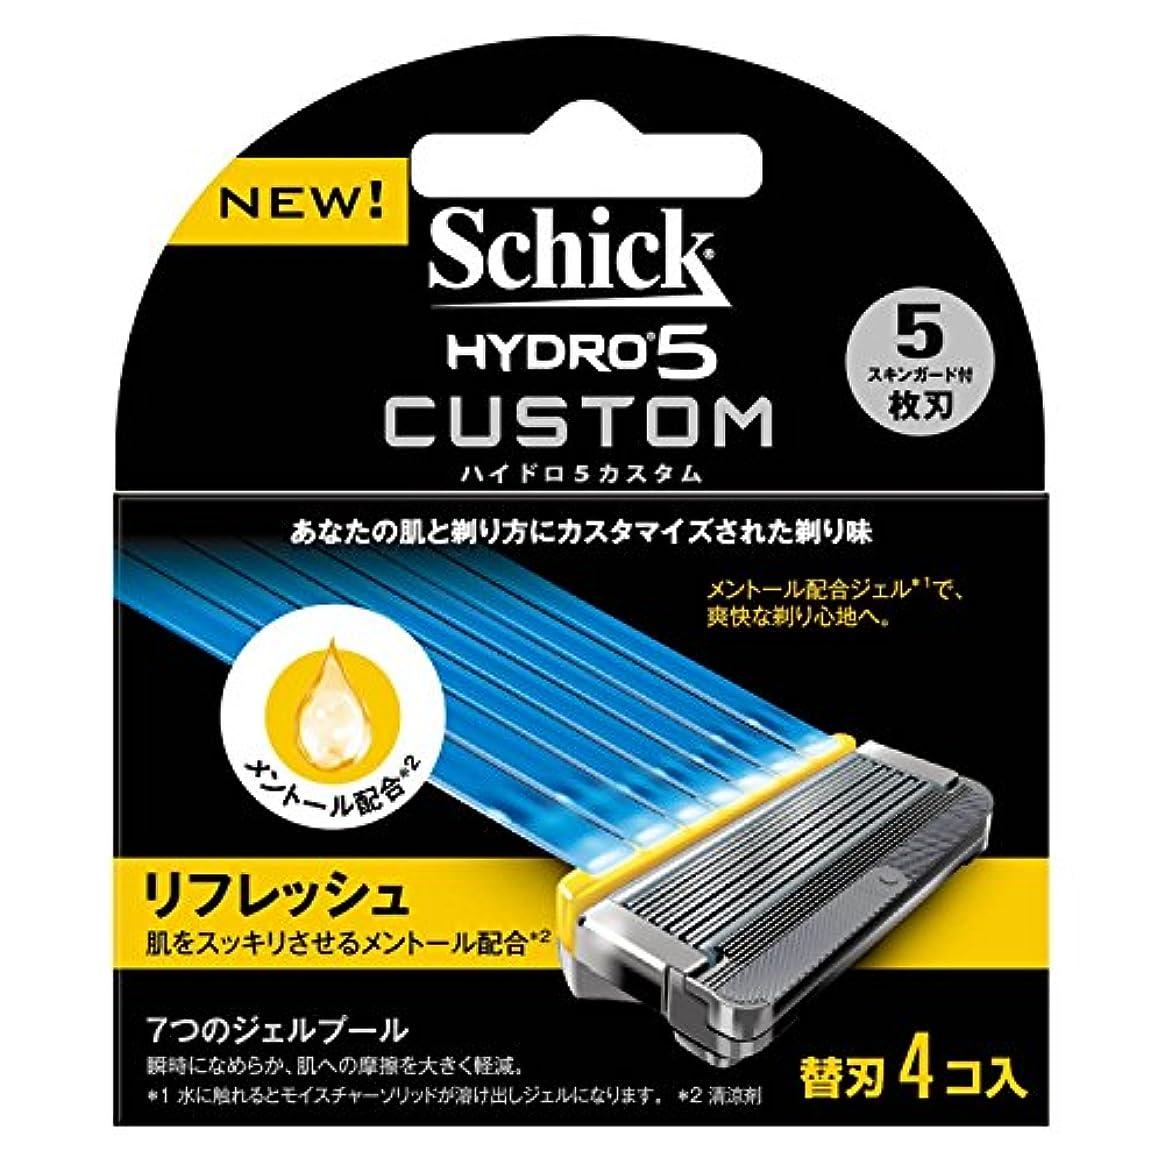 わかりやすい明らか使用法シック Schick 5枚刃 ハイドロ5 カスタム リフレッシュ 替刃 4コ入 男性 カミソリ